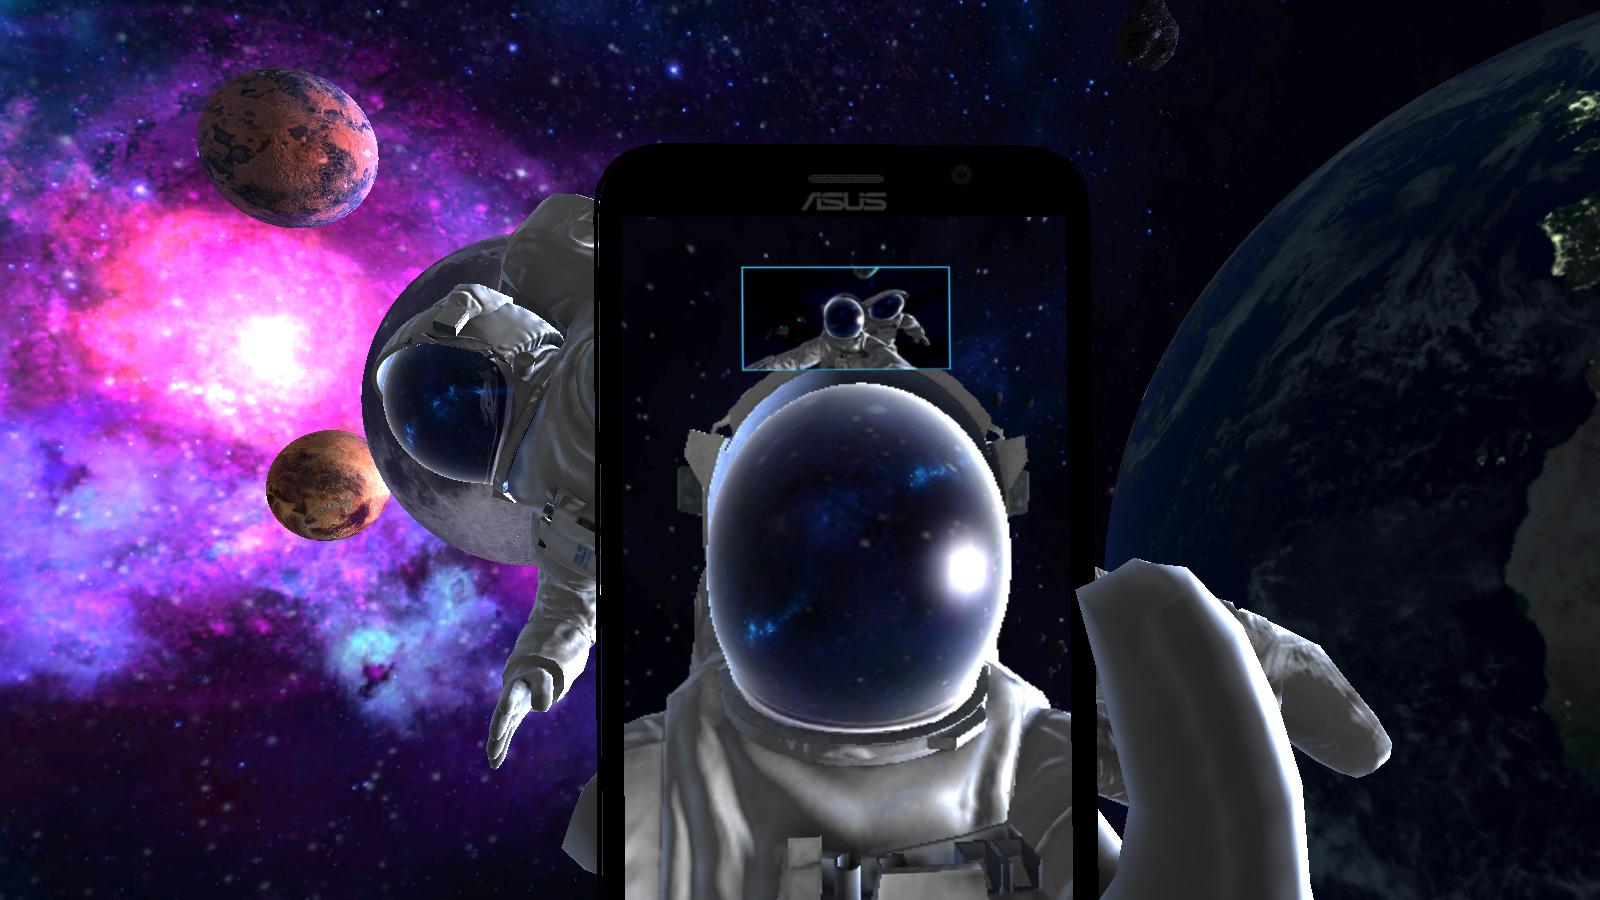 ZenFone VR: The Journey Begins